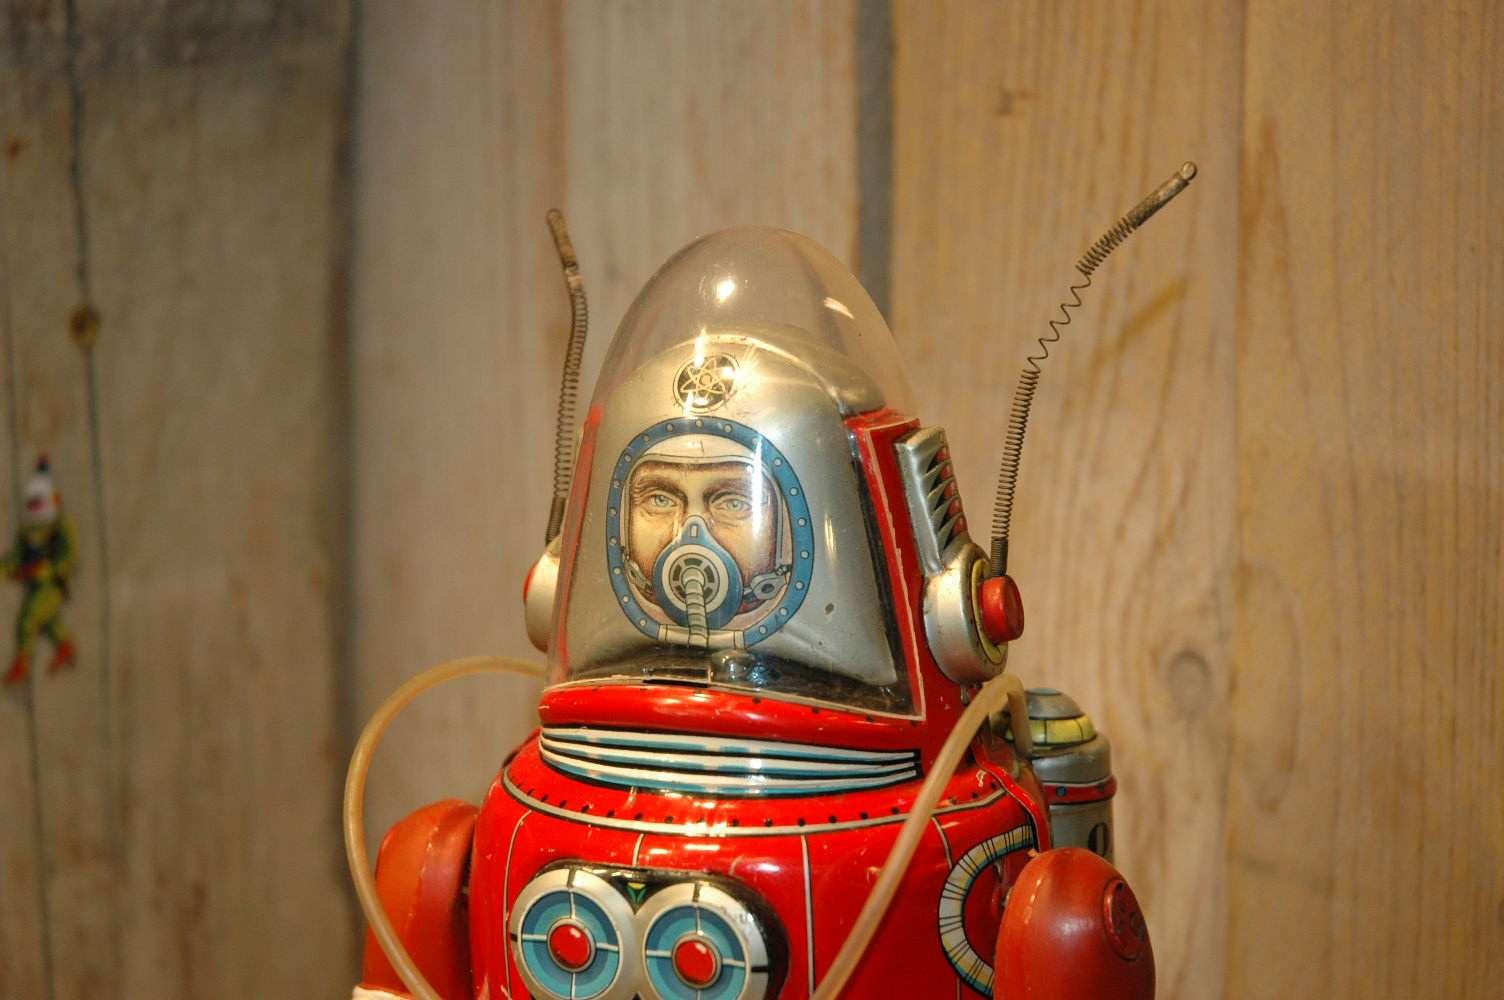 Nomura - Astronaut